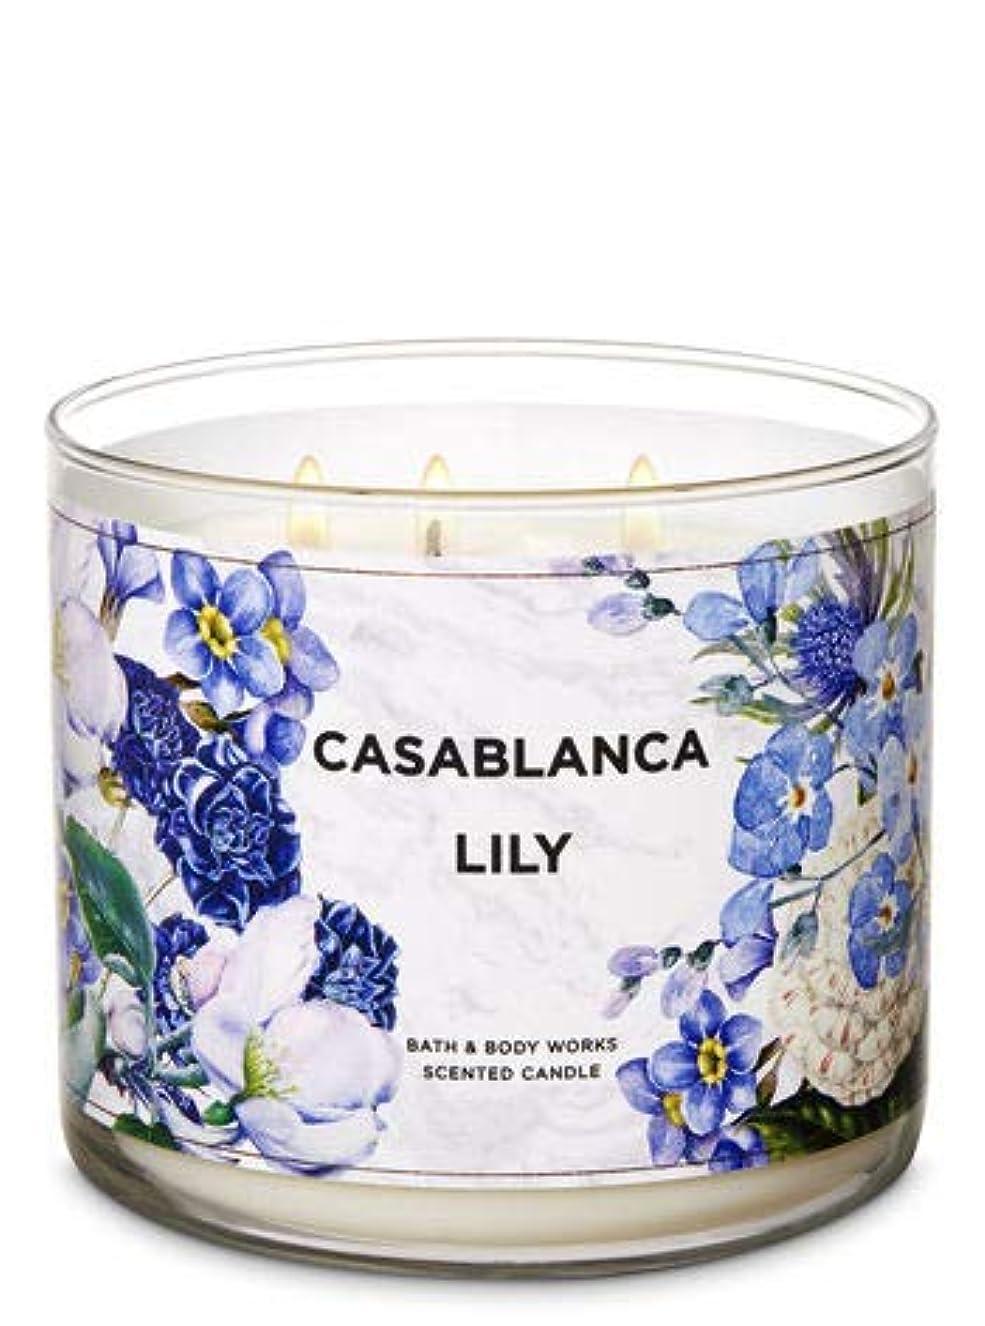 ステーキエアコンシーボード【Bath&Body Works/バス&ボディワークス】 アロマキャンドル カサブランカリリー 3-Wick Scented Candle Casablanca Lily 14.5oz/411g [並行輸入品]